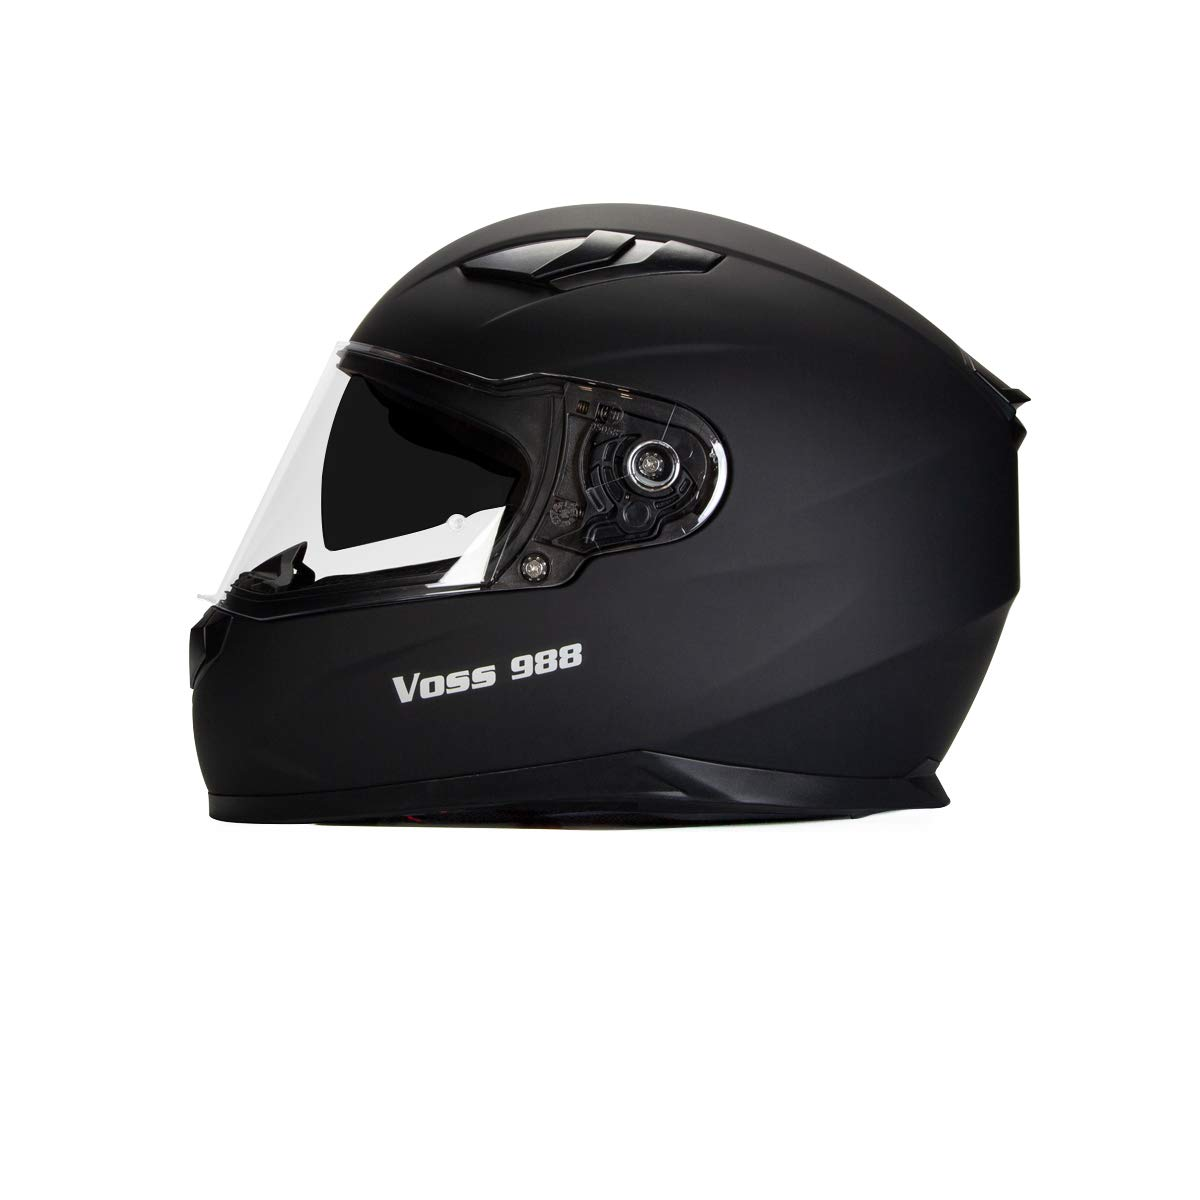 Voss 988 Moto-1 Street Full Face Helmet with Drop Down Internal Sun Lens